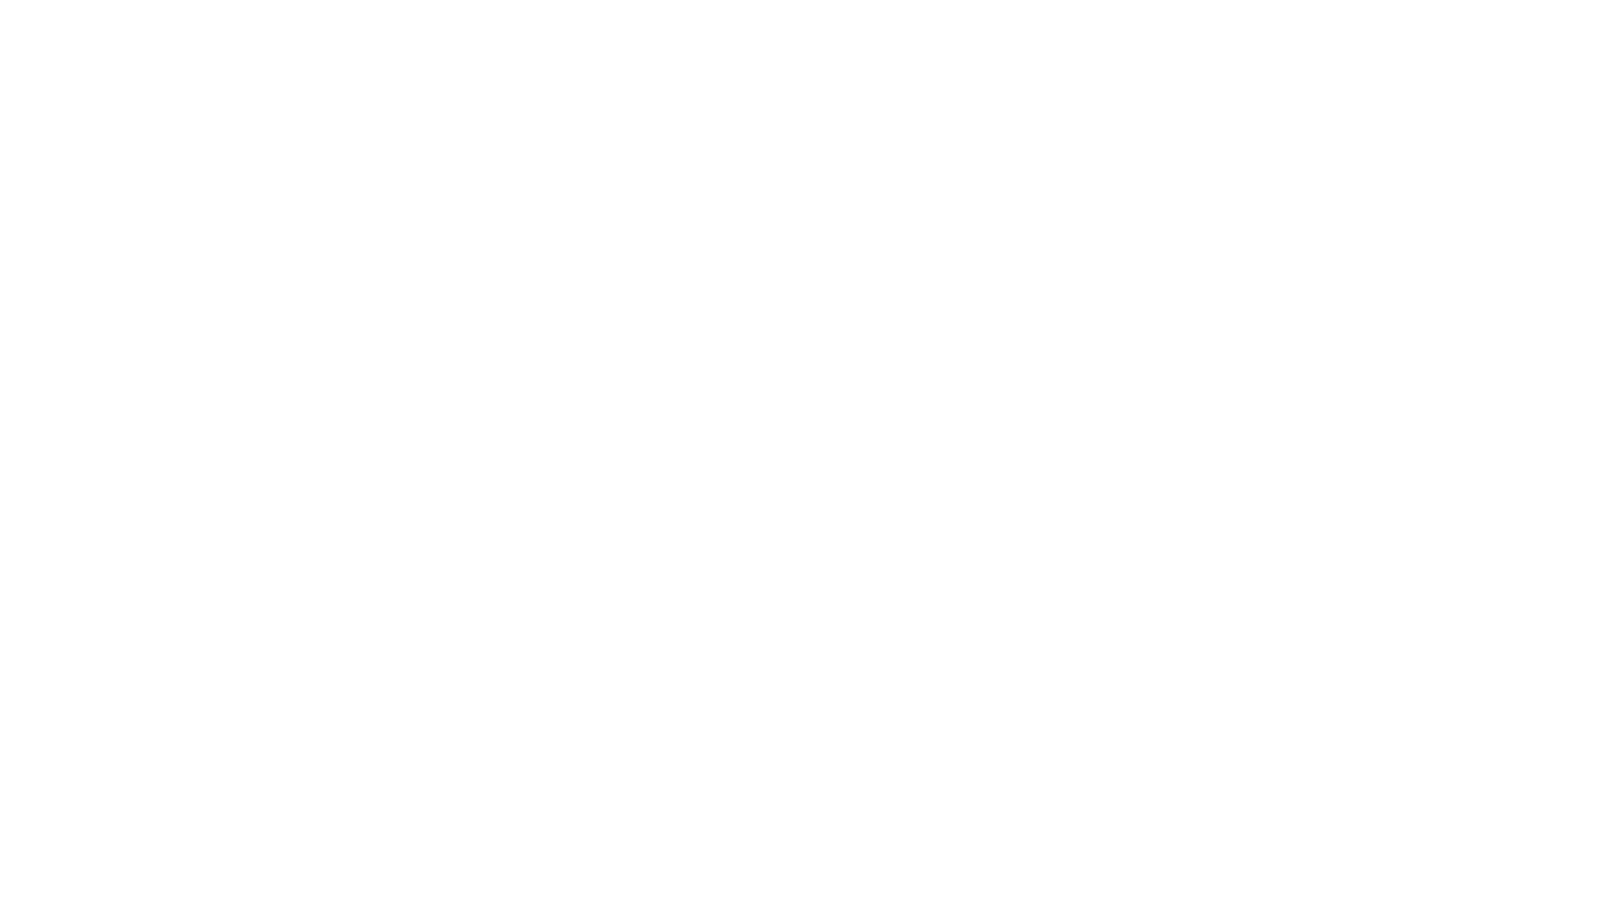 I Pallet che non hanno più la possibilità di essere riparati, vengono portati nella zona di triturazione dove vengono ulteriormente selezionati al fine di produrre per la combustione materiale vergine pulito e per il conferimento ai pannellifici.  Il materiale, dopo essere stato reso cippato ,passa sotto ad un grande deferizzatore che elimina i chiodi e le parti in ferro presenti.  Il cippato prodotto viene scaricato in appositi cassoni in ferro per essere successivamente trasportato o nelle centrali o in stabilimenti atti alla produzione di pannelli.